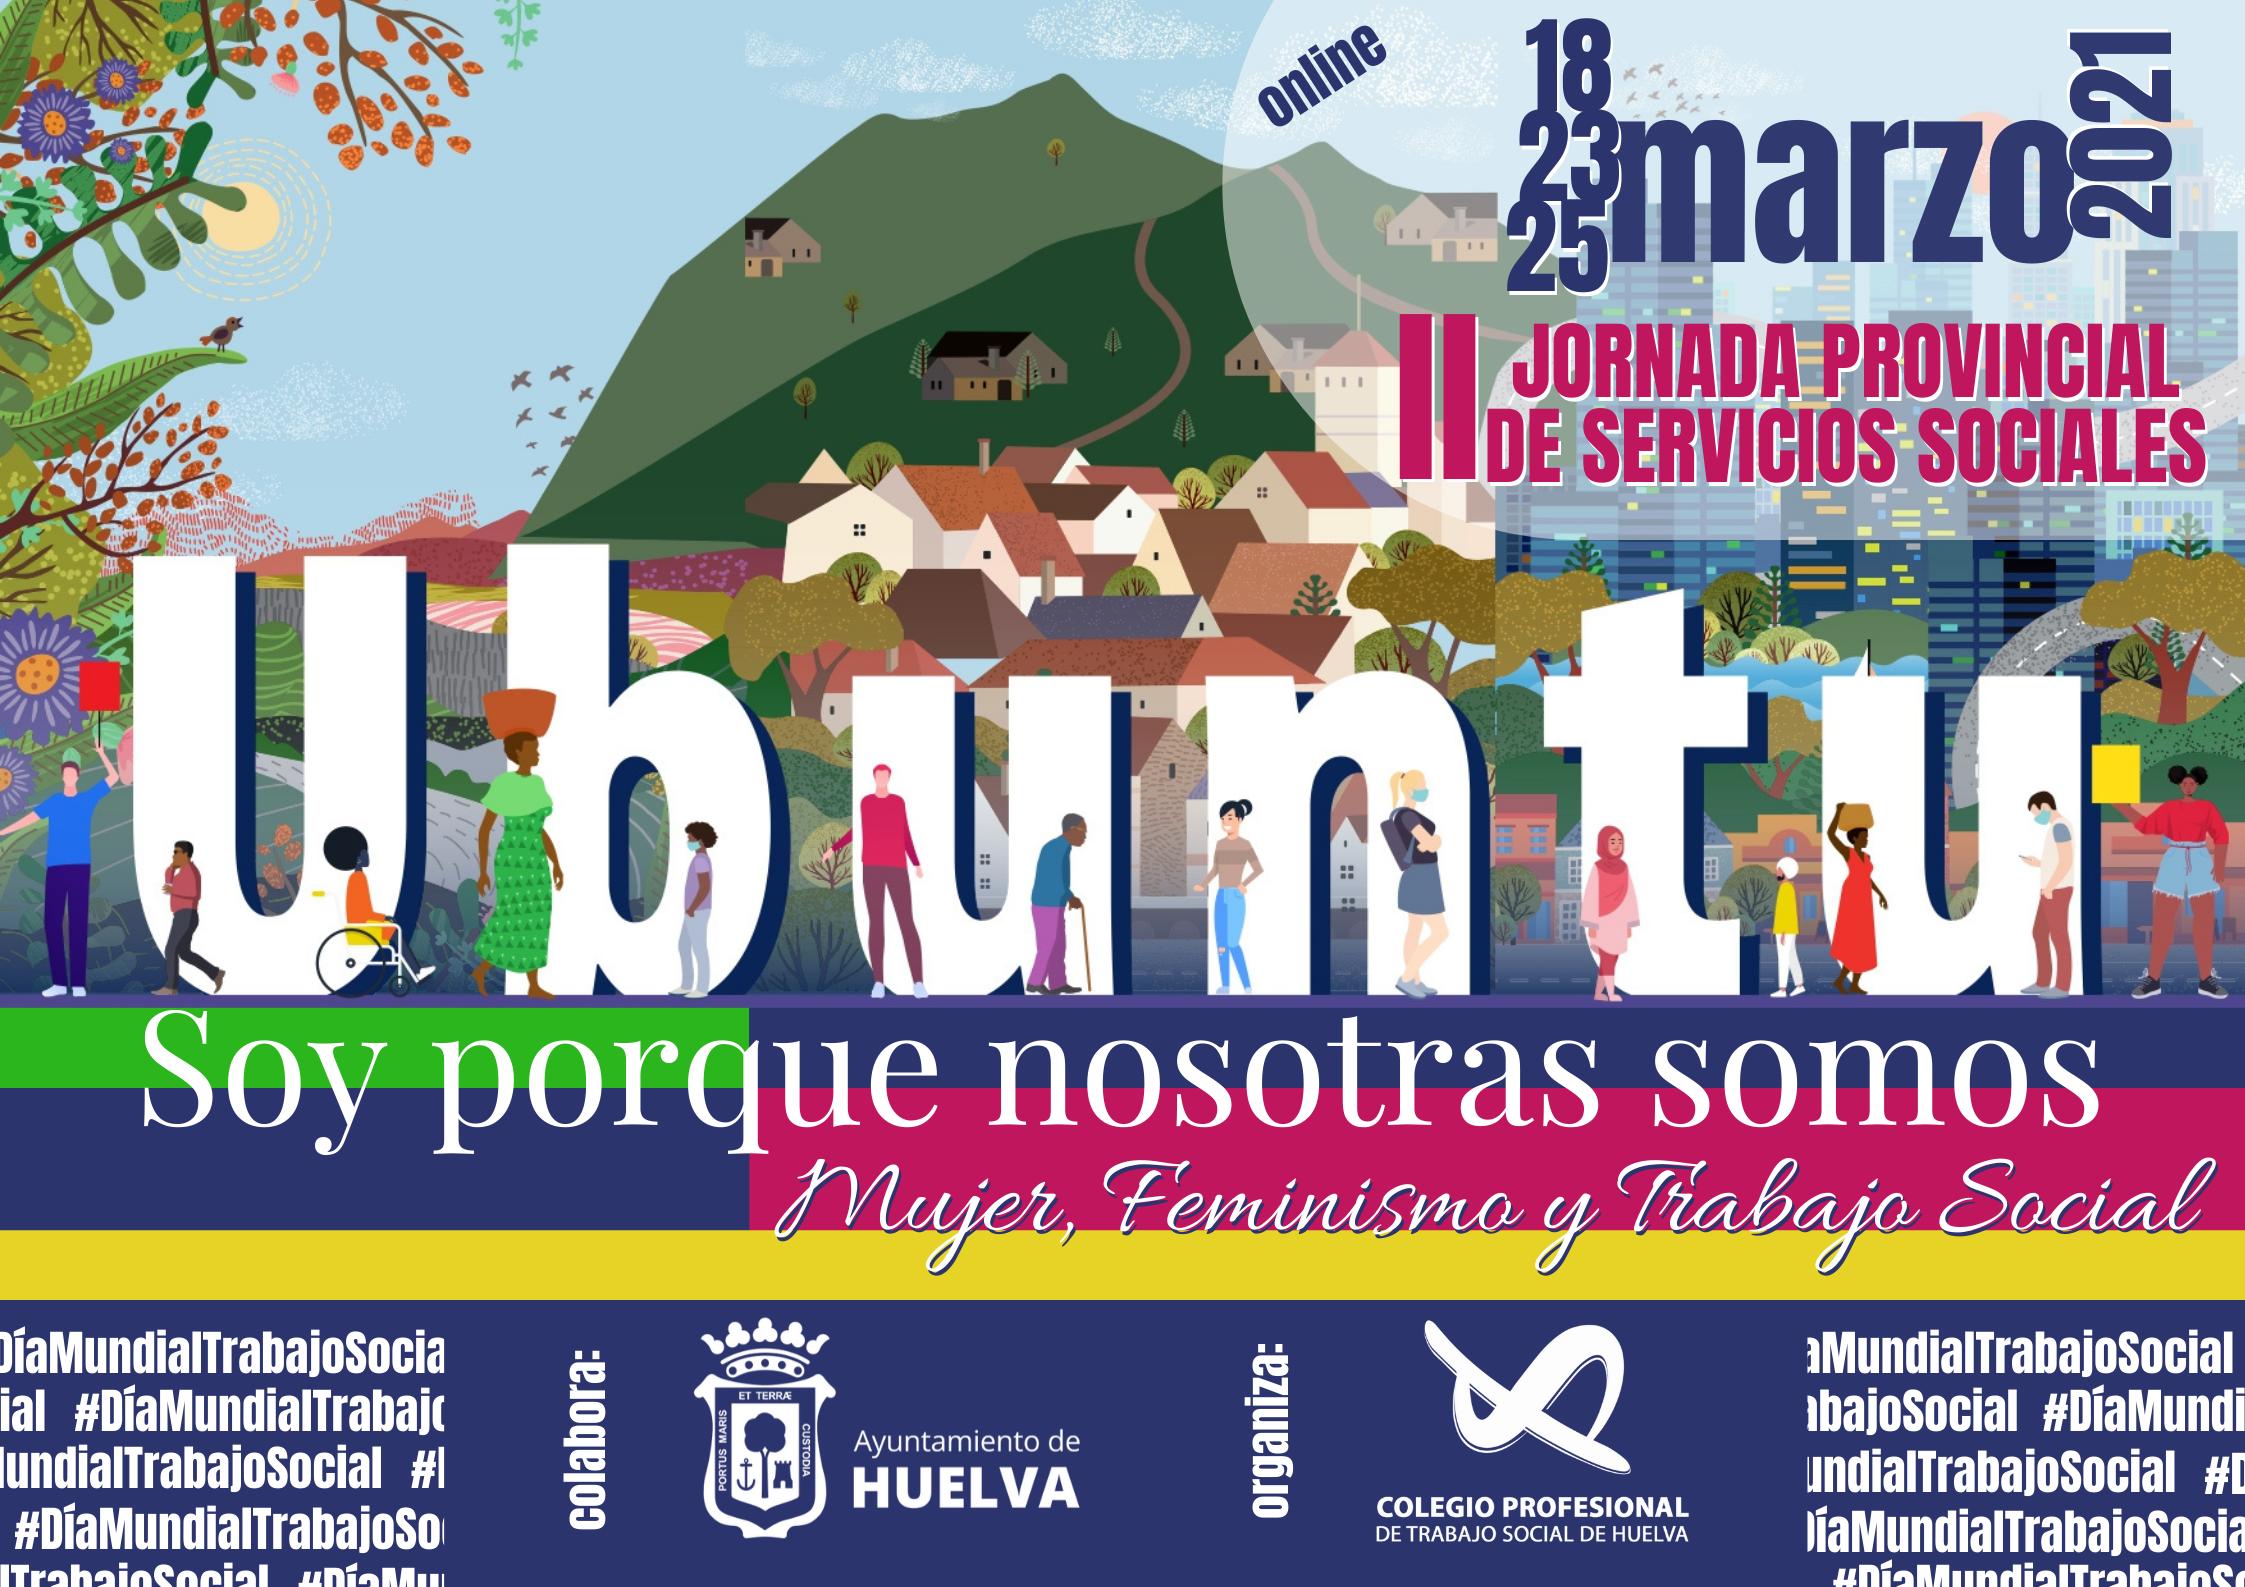 II JORNADA PROVINCIAL DE SS SS_UBUNTU: SOY PORQUE NOSOTRAS SOMOS. MUJER, FEMINISMO Y TS